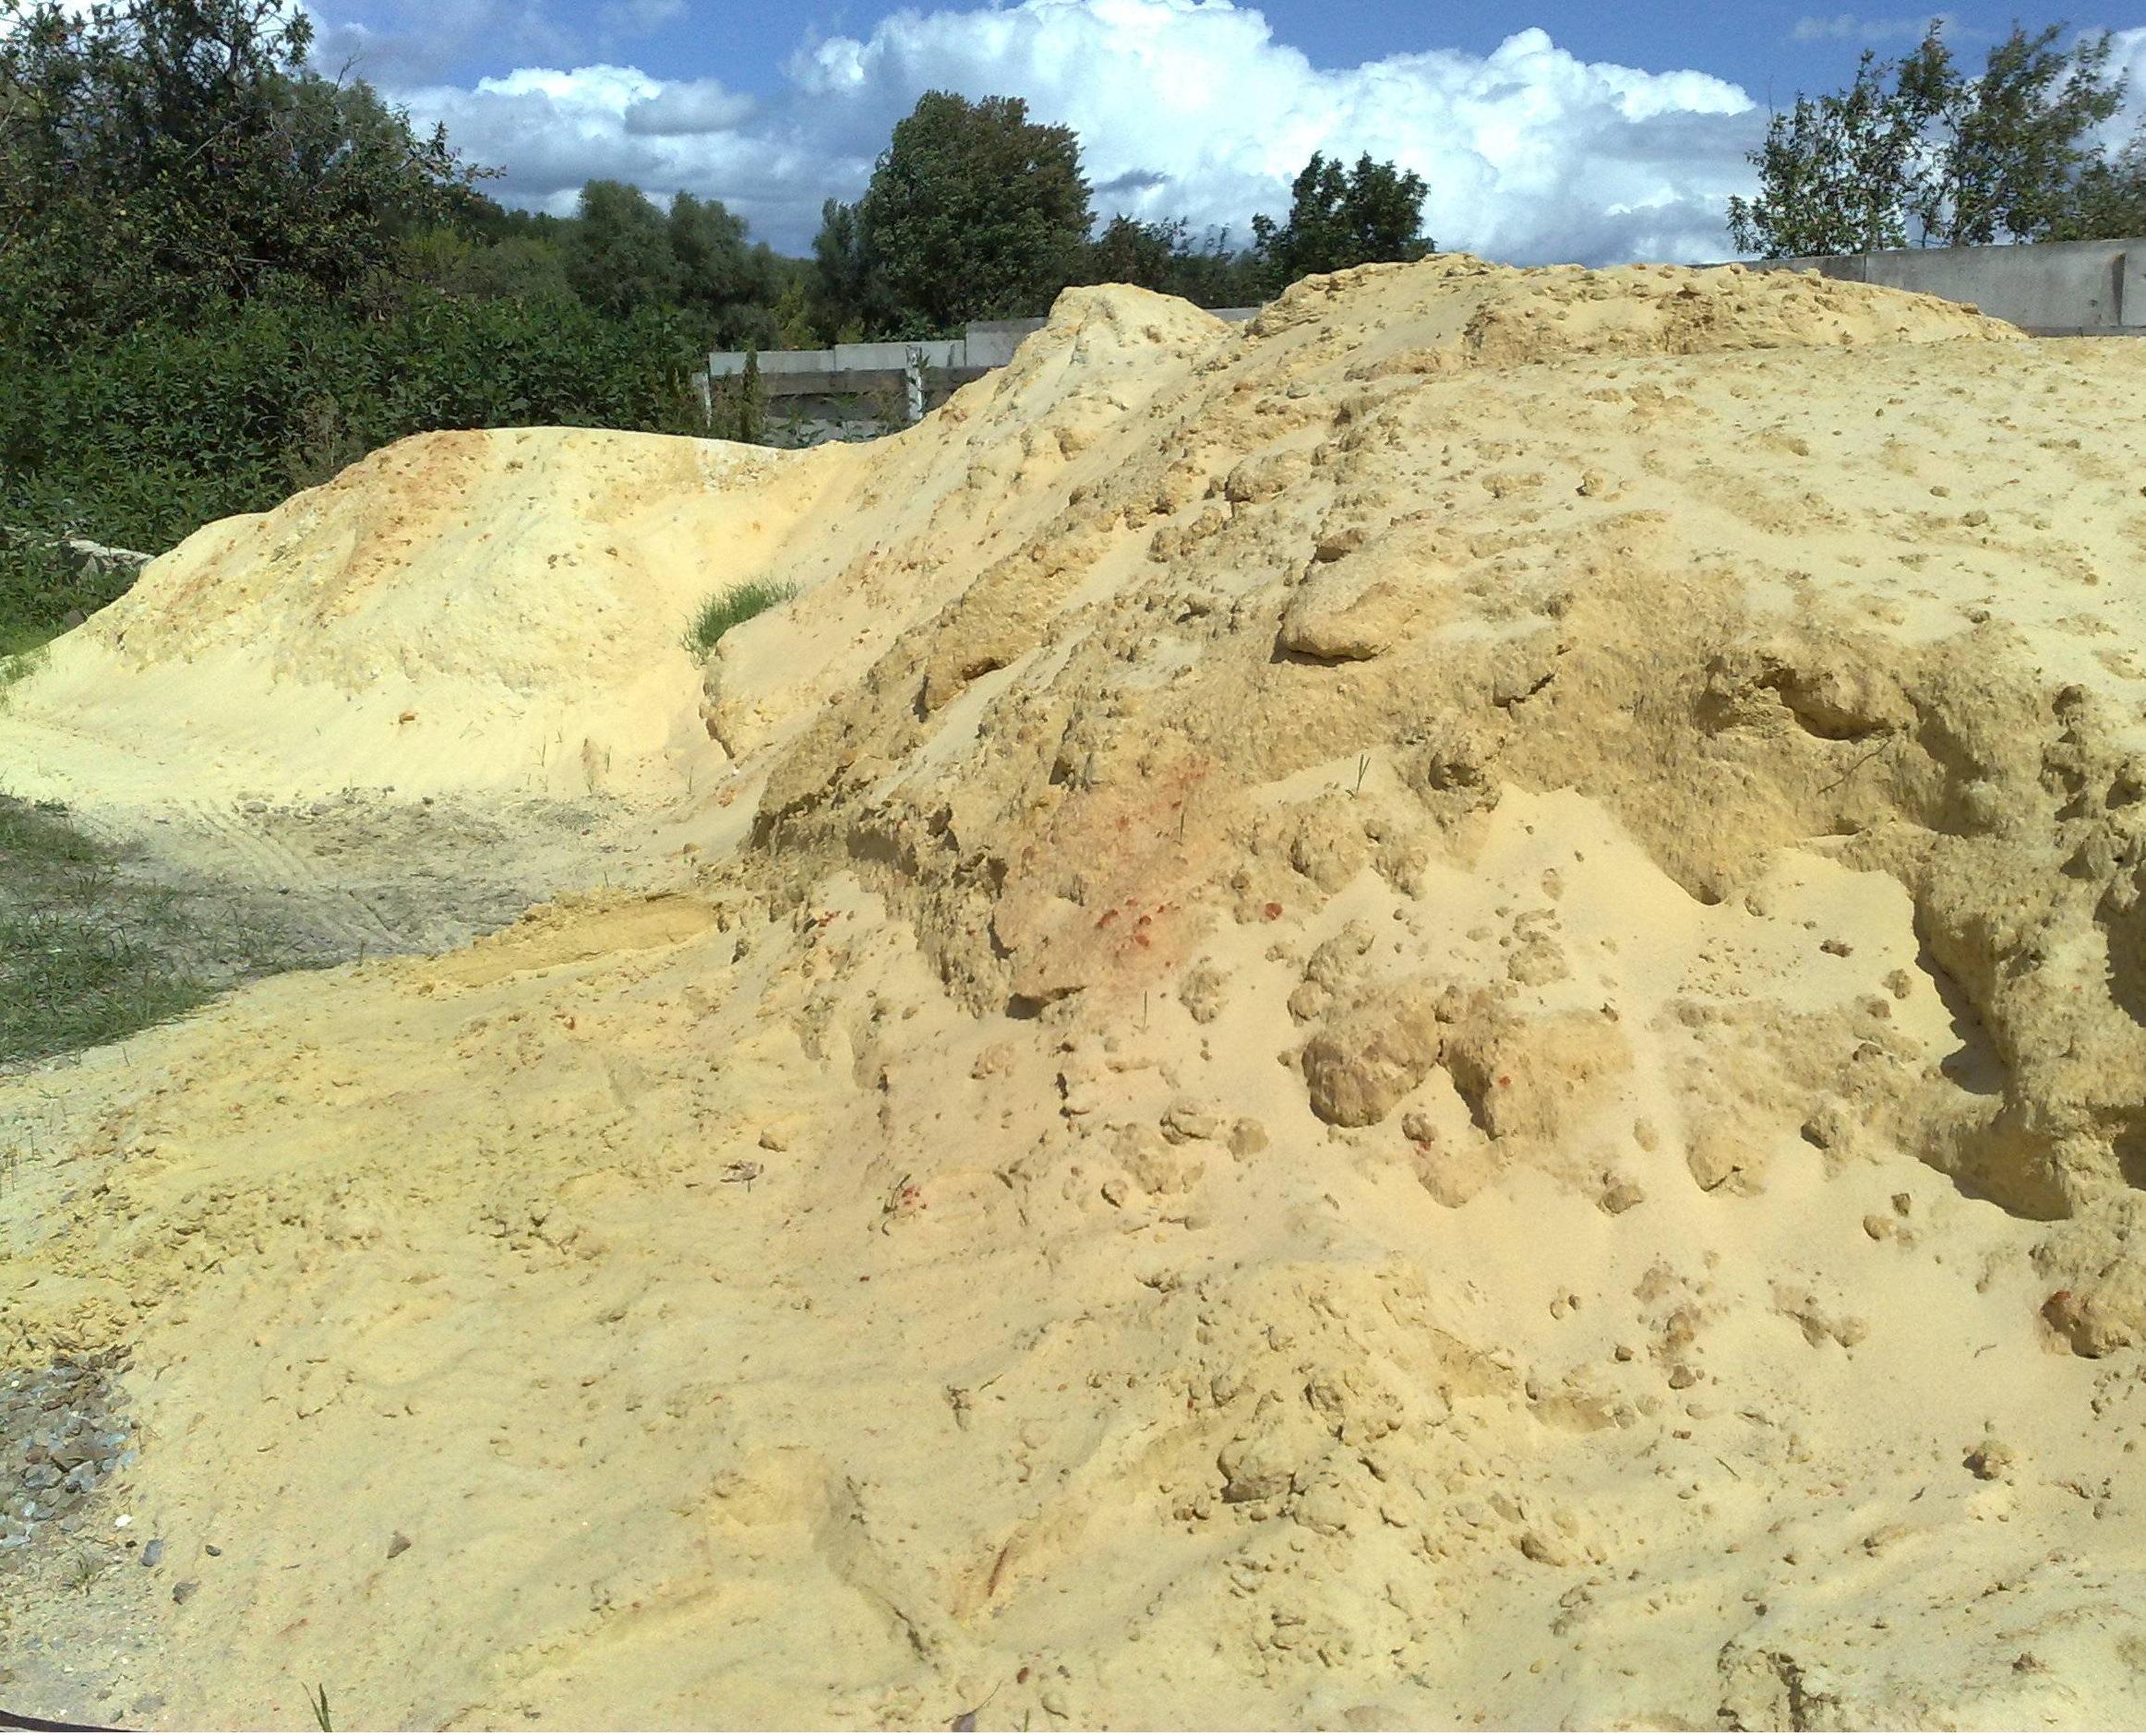 В Кирово-Чепецке будут судить предпринимателя, который организовал незаконную добычу песка